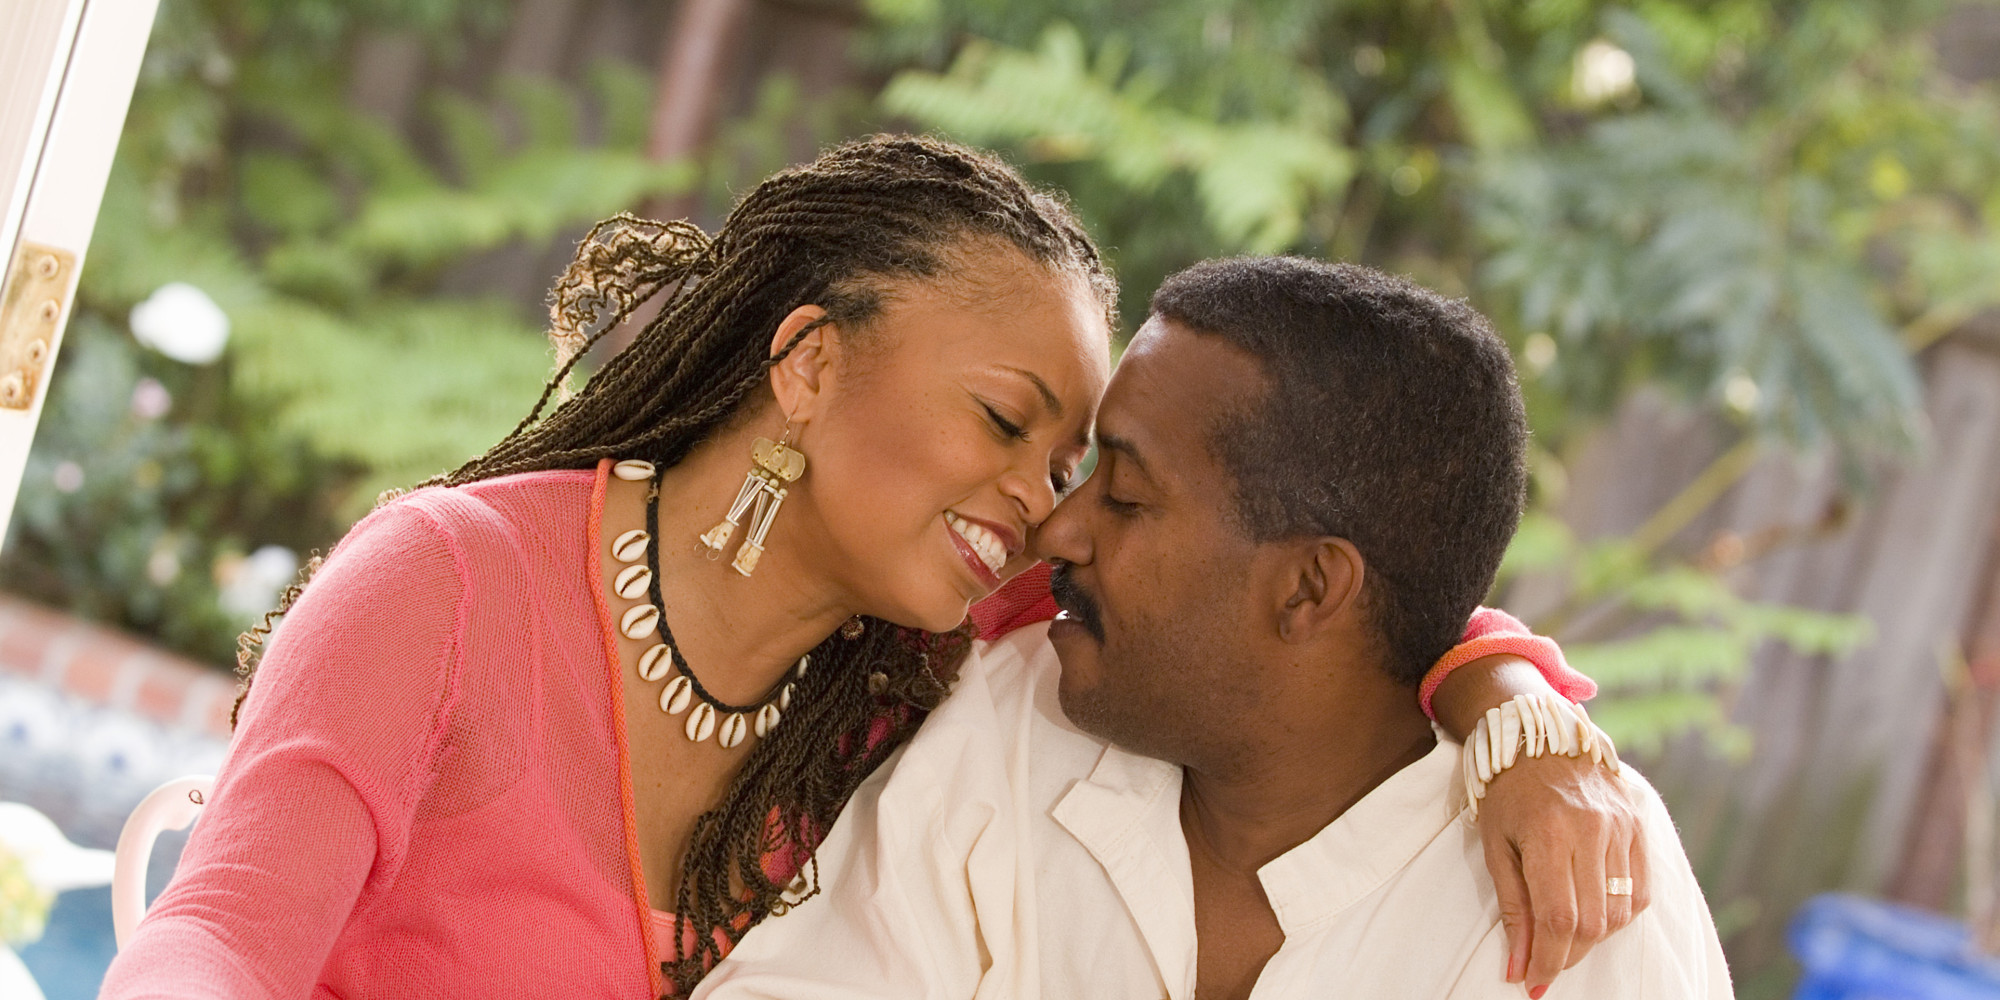 Must Read: What Married Women Secretly Want